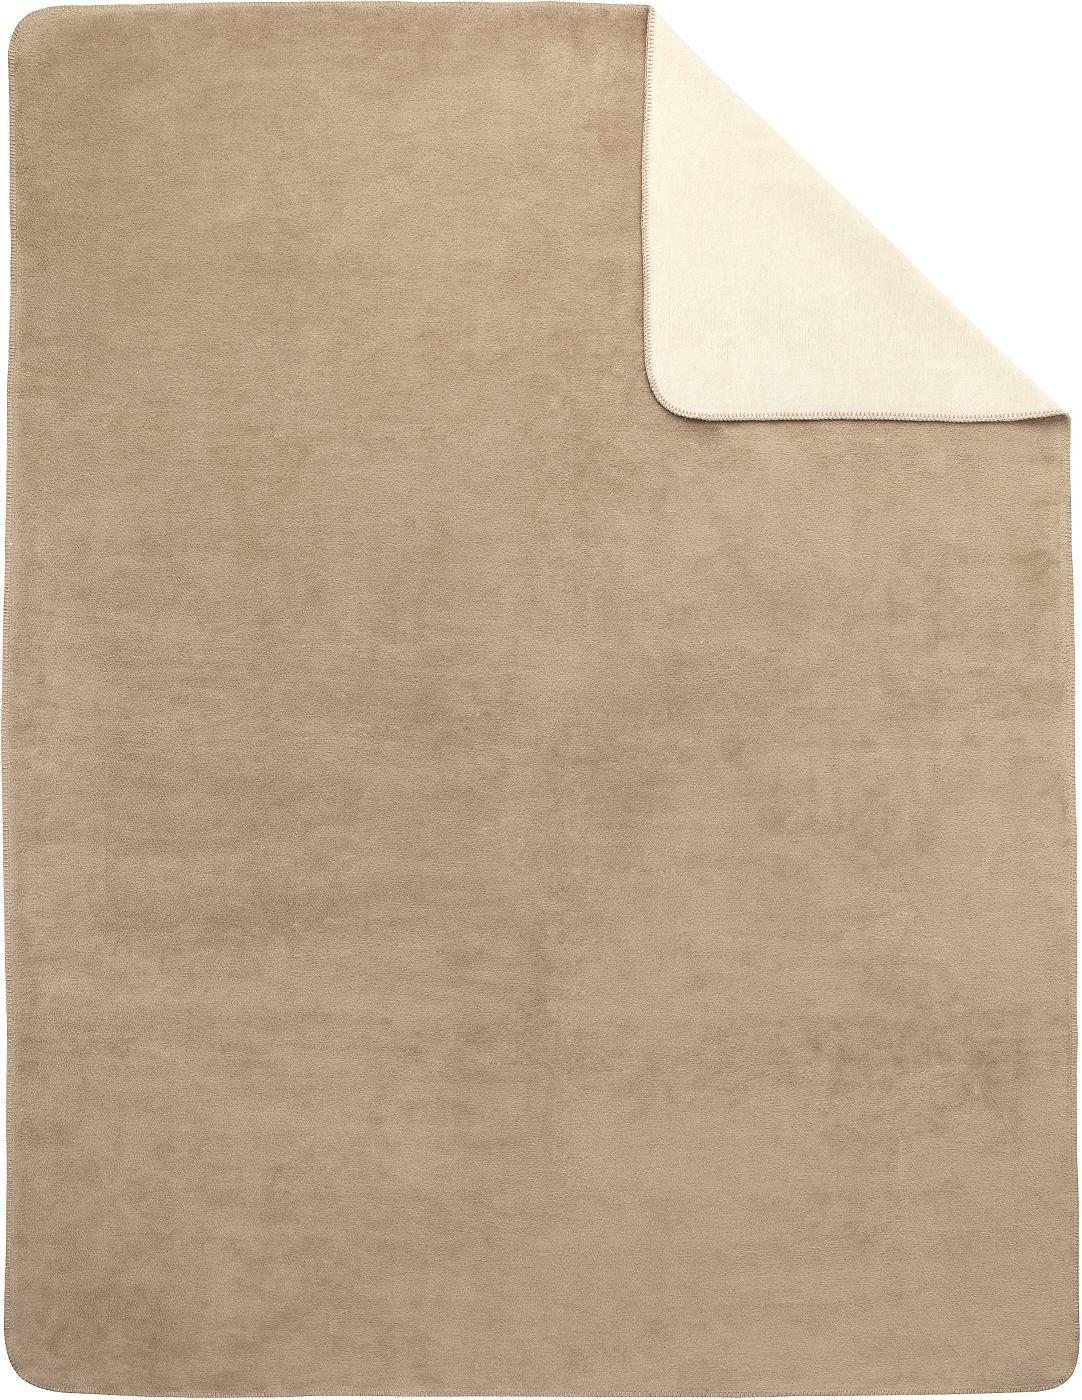 Artikeldetails:  Decke uni, Mit geketteltem Zierstich,   Material/ Qualität:  60% Baumwolle, 40% Polyacryl, Flächengewicht in g/m²: ca. 415,   Pflegehinweis:  30°C-Schonwäsche, Pflegeleicht, Trocknergeeignet,   Wissenswertes:  Bitte beachten Sie, dass die Farben auf Ihrem Monitor von den Originalfarbtönen abweichen können.,   Qualitätshinweis:  Geprüfte Qualität - dieser Artikel untersteht lauf...